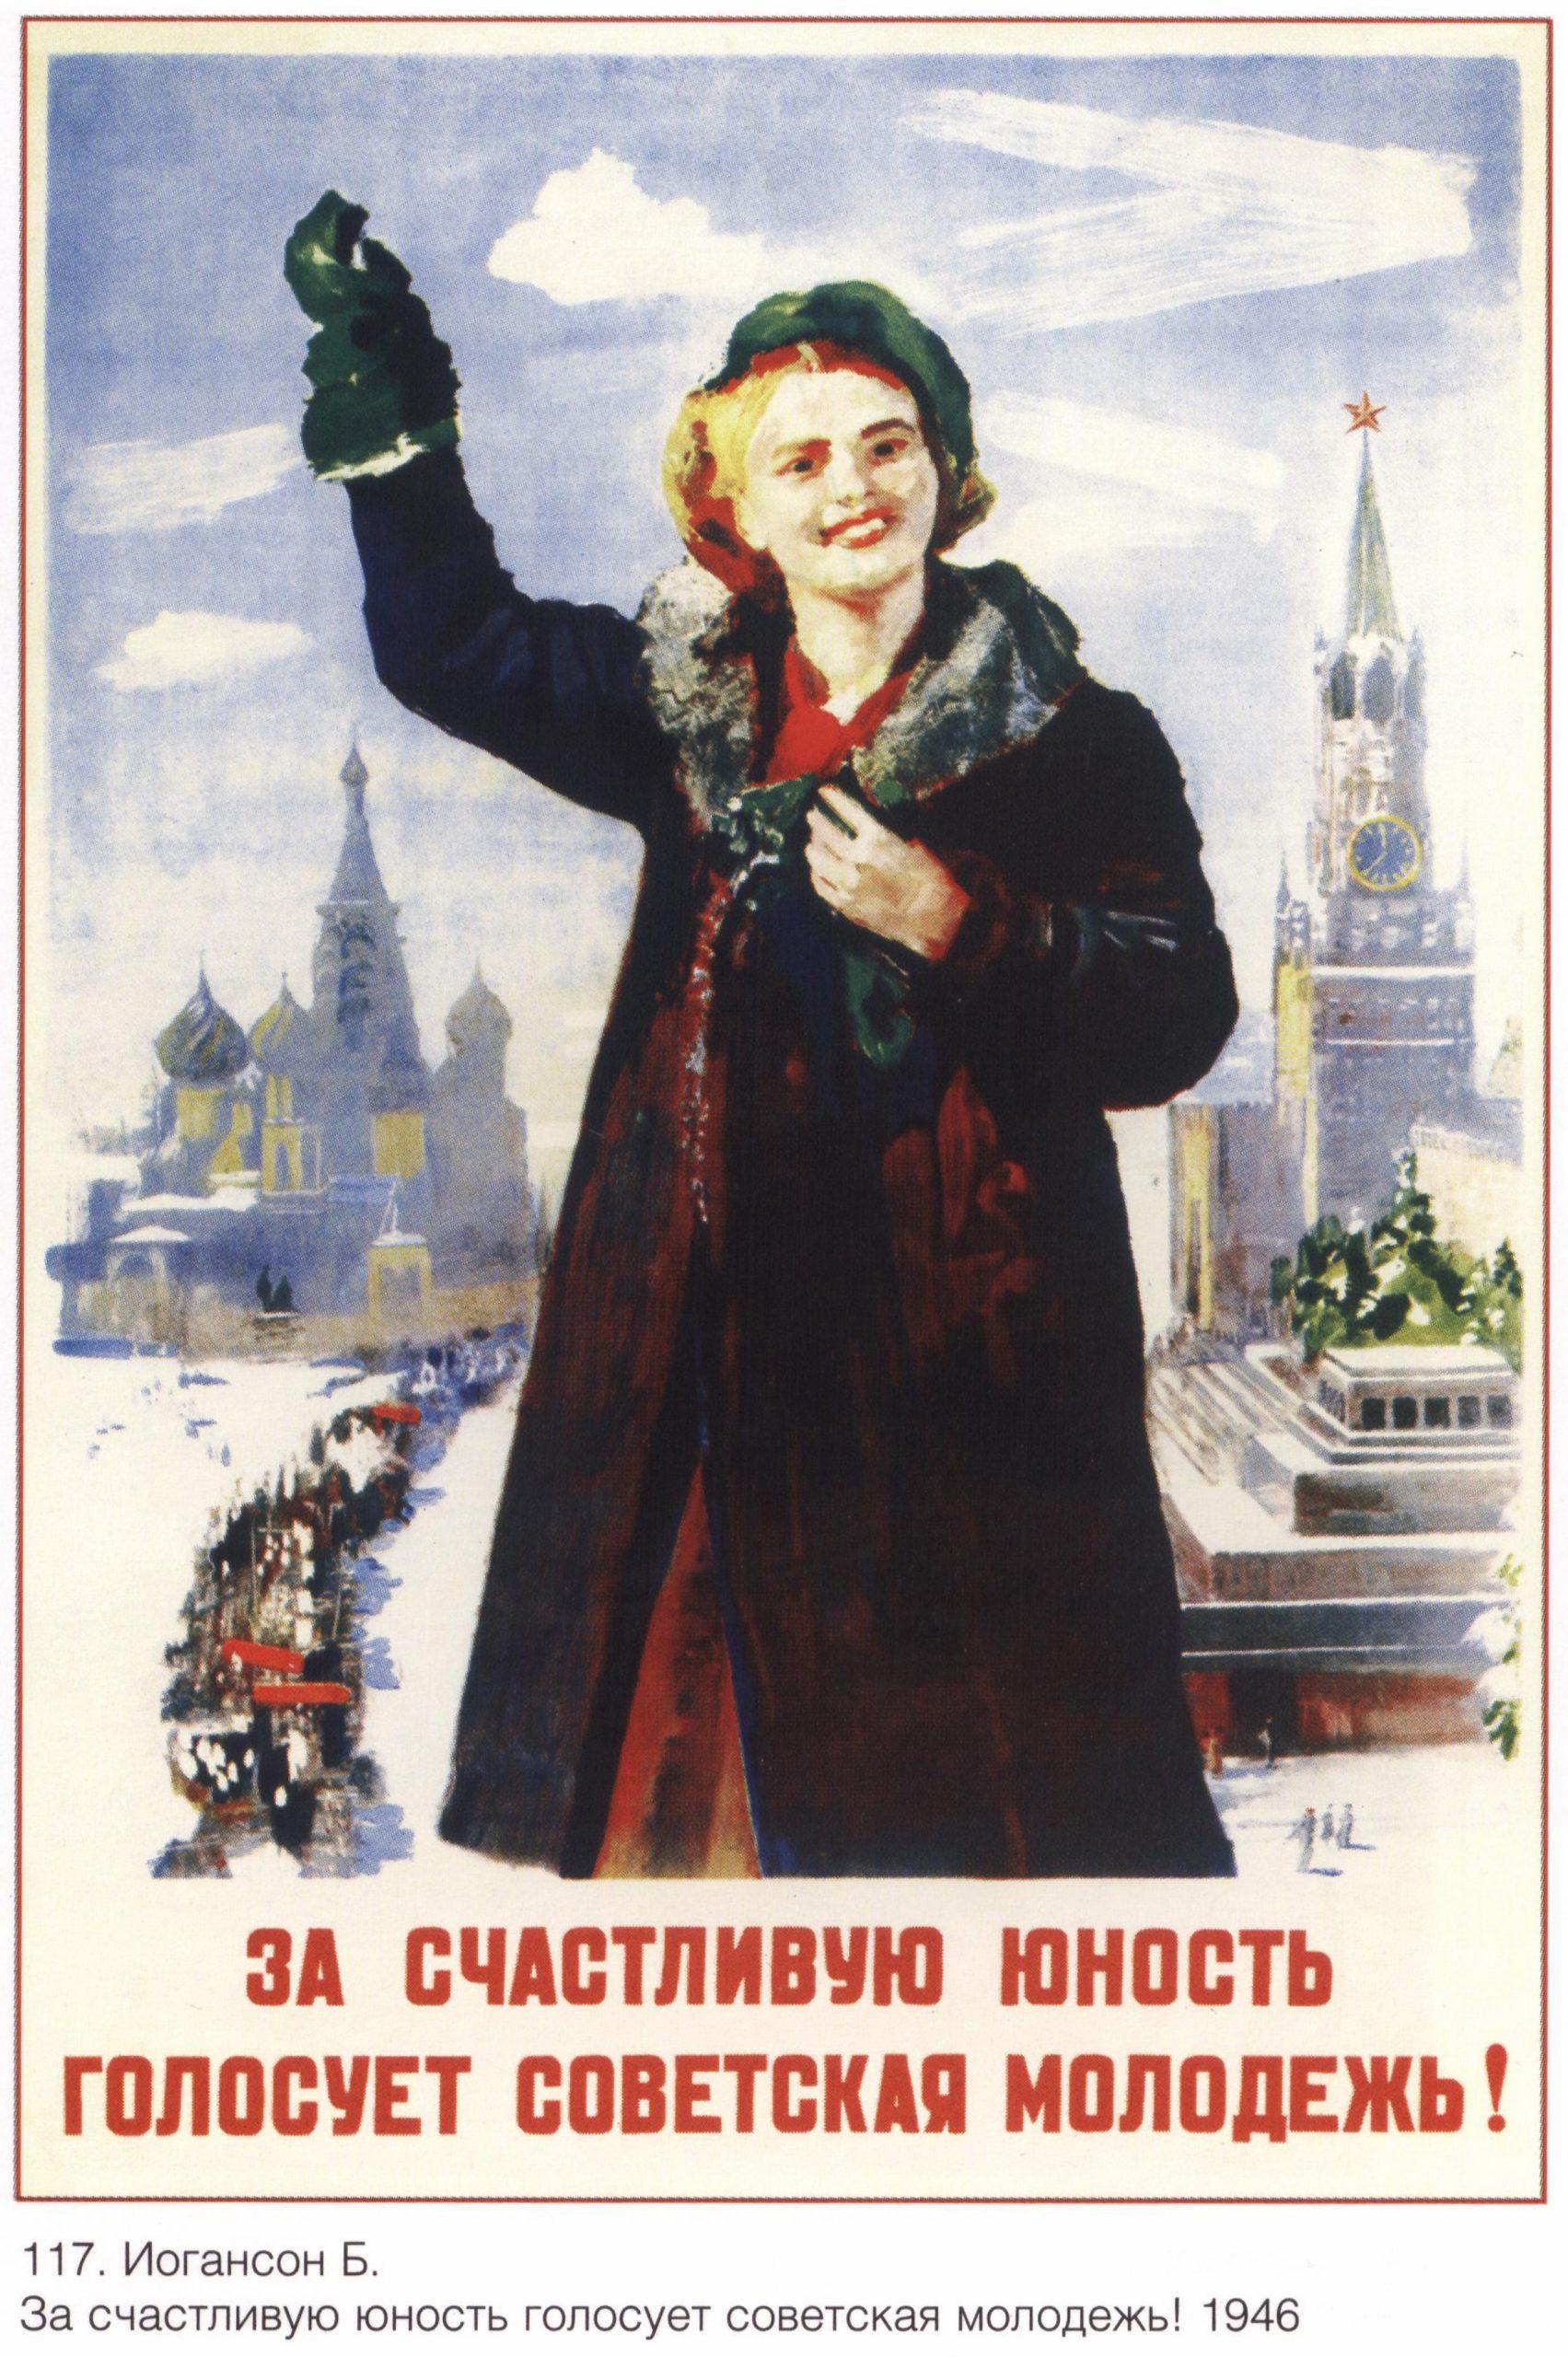 За счастливую юность голосует советская молодежь!